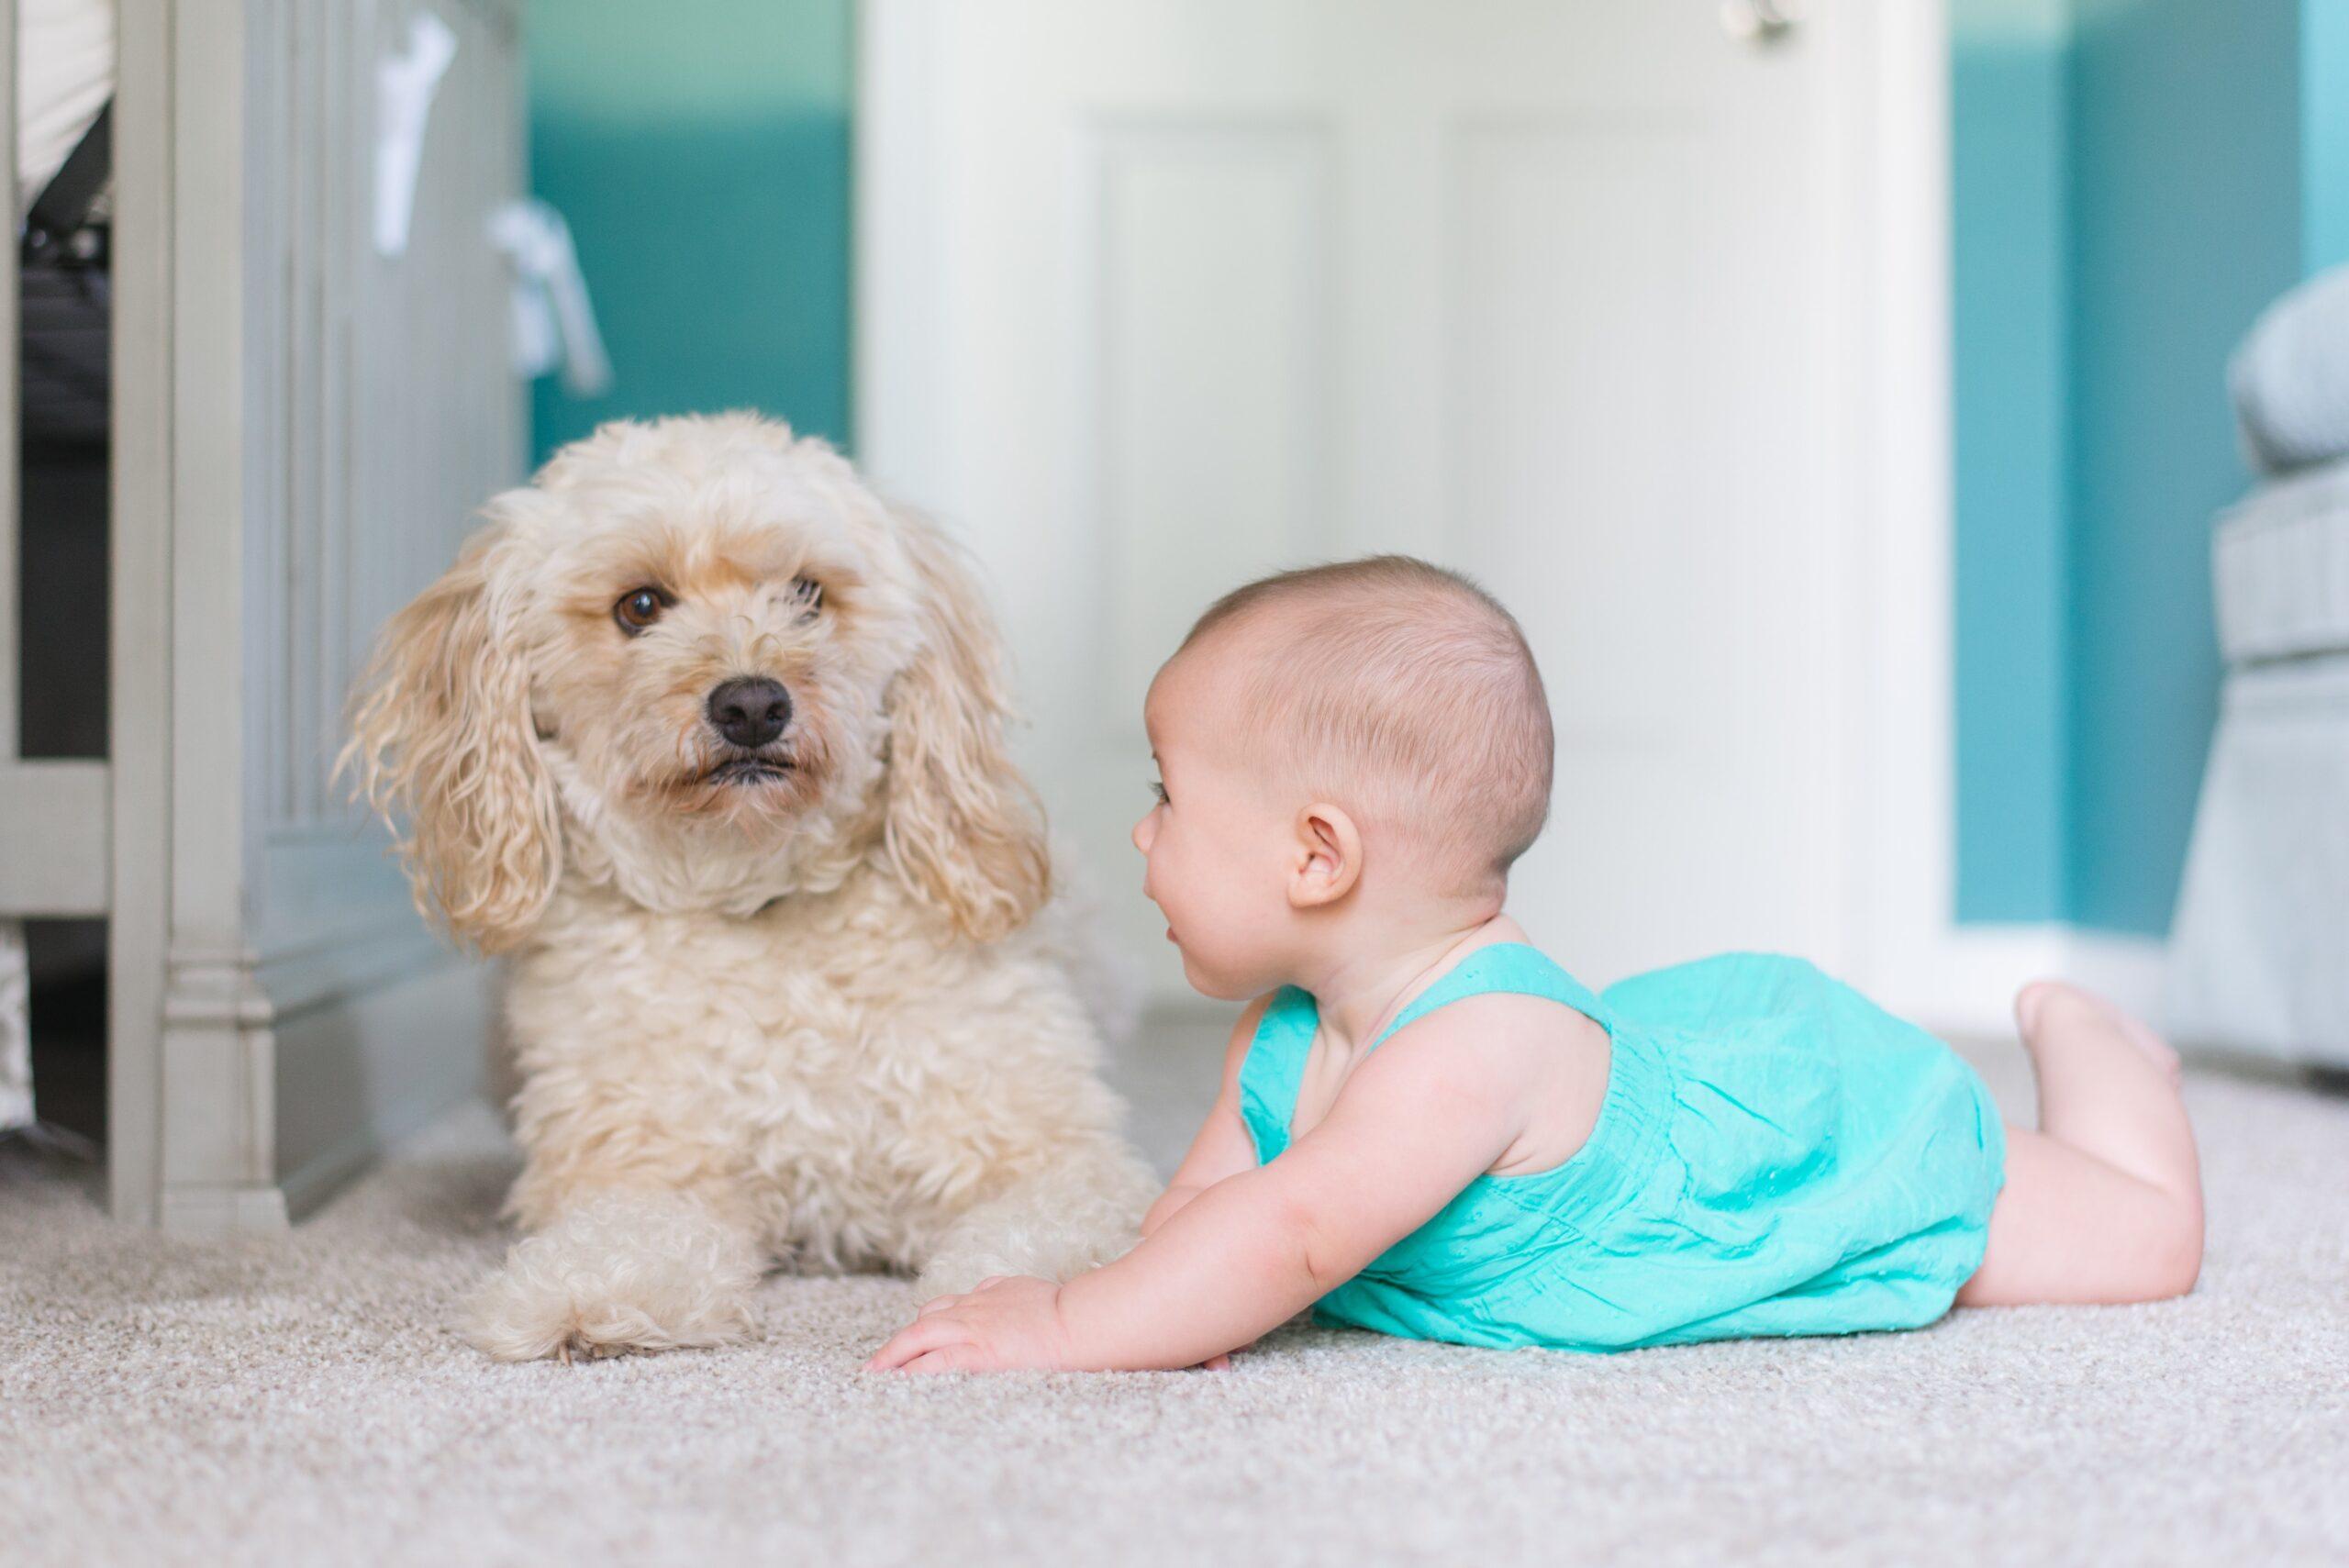 De ce este bine pentru un copil să crească alături de un animal de companie